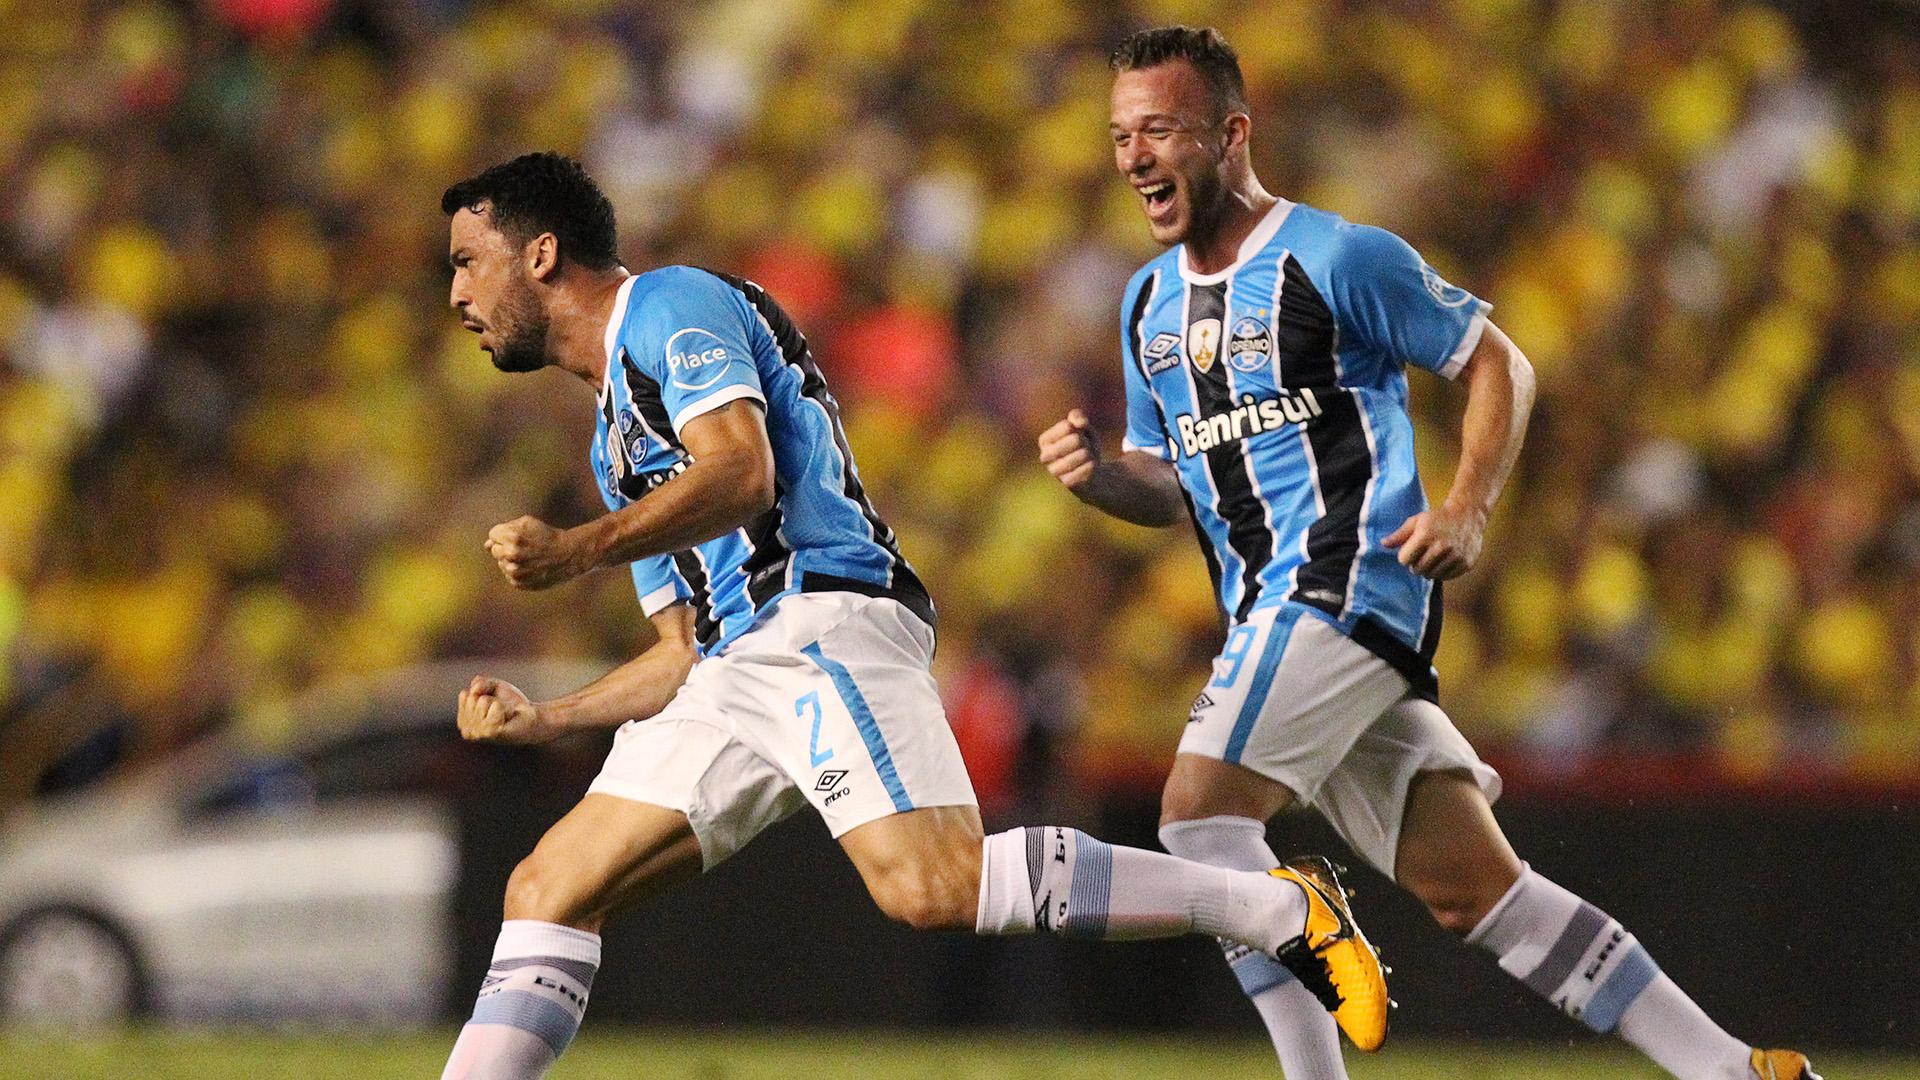 El Gremio de Brasil sostuvo la diferencia sobre Barcelona y es el otro finalista (Reuters)